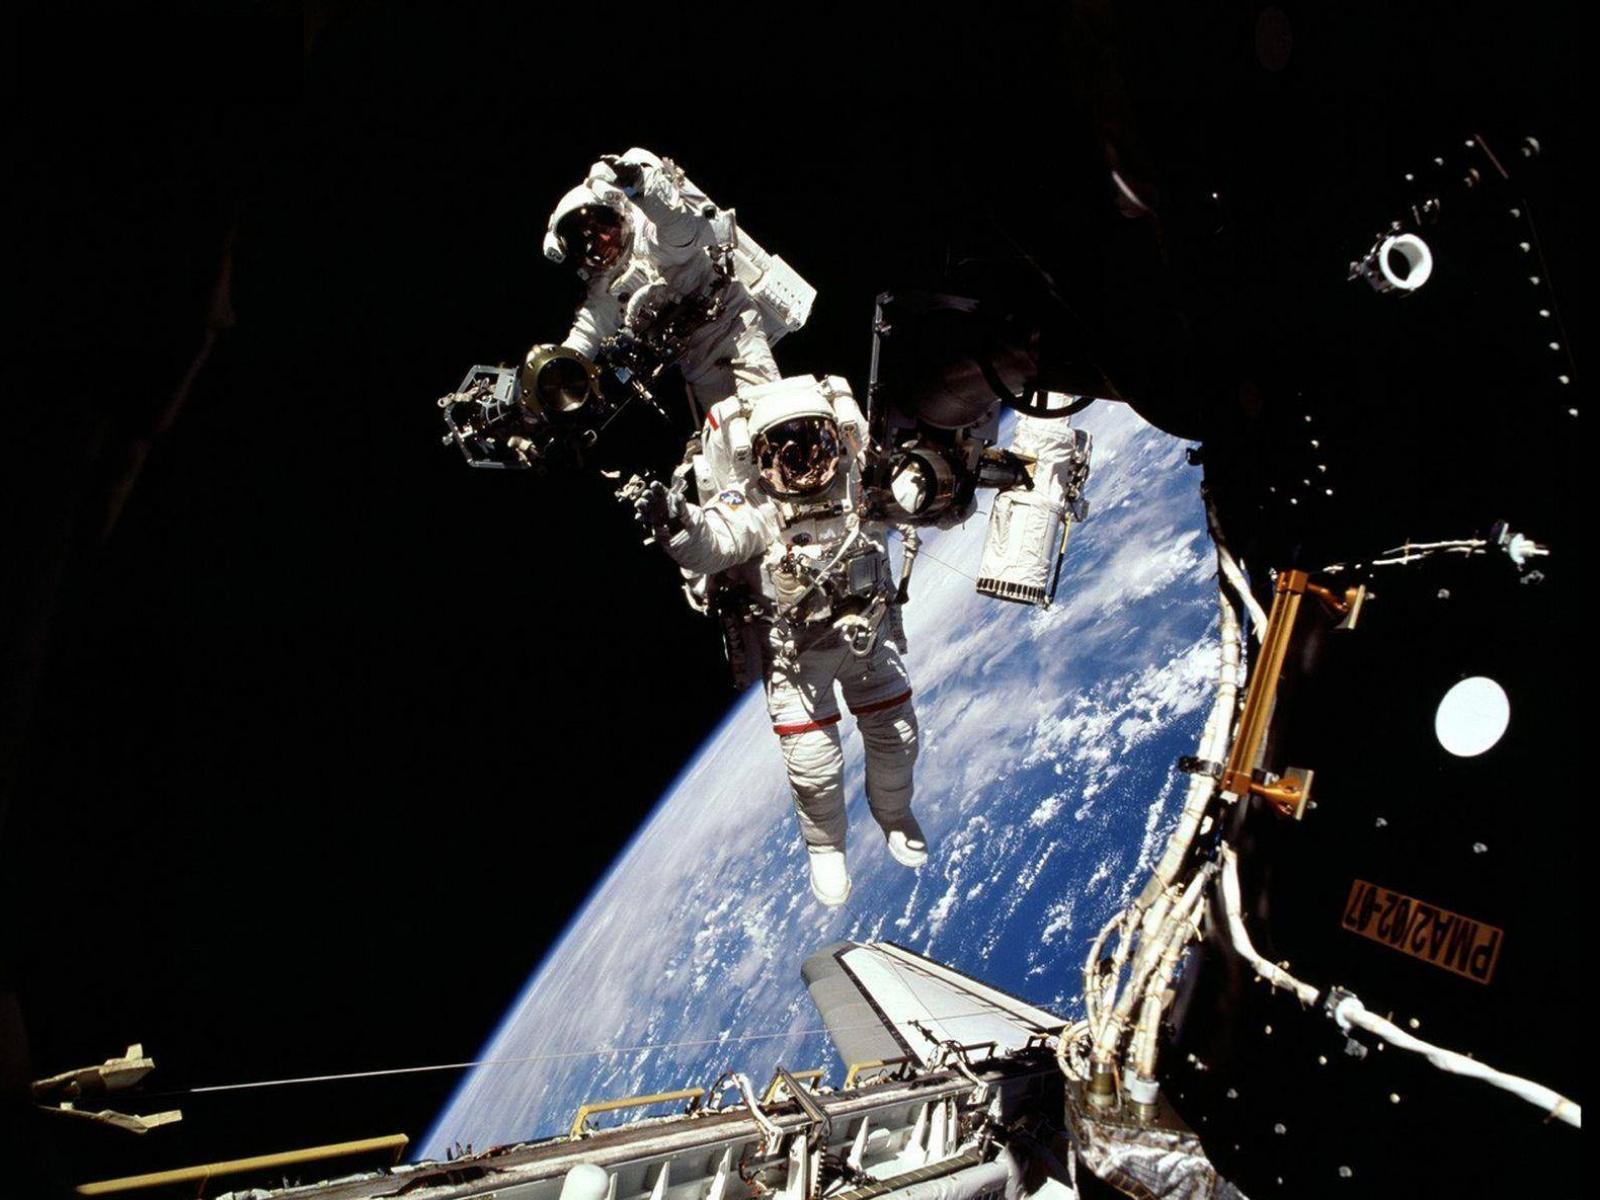 Выход в открытый космос обои 1600x1200